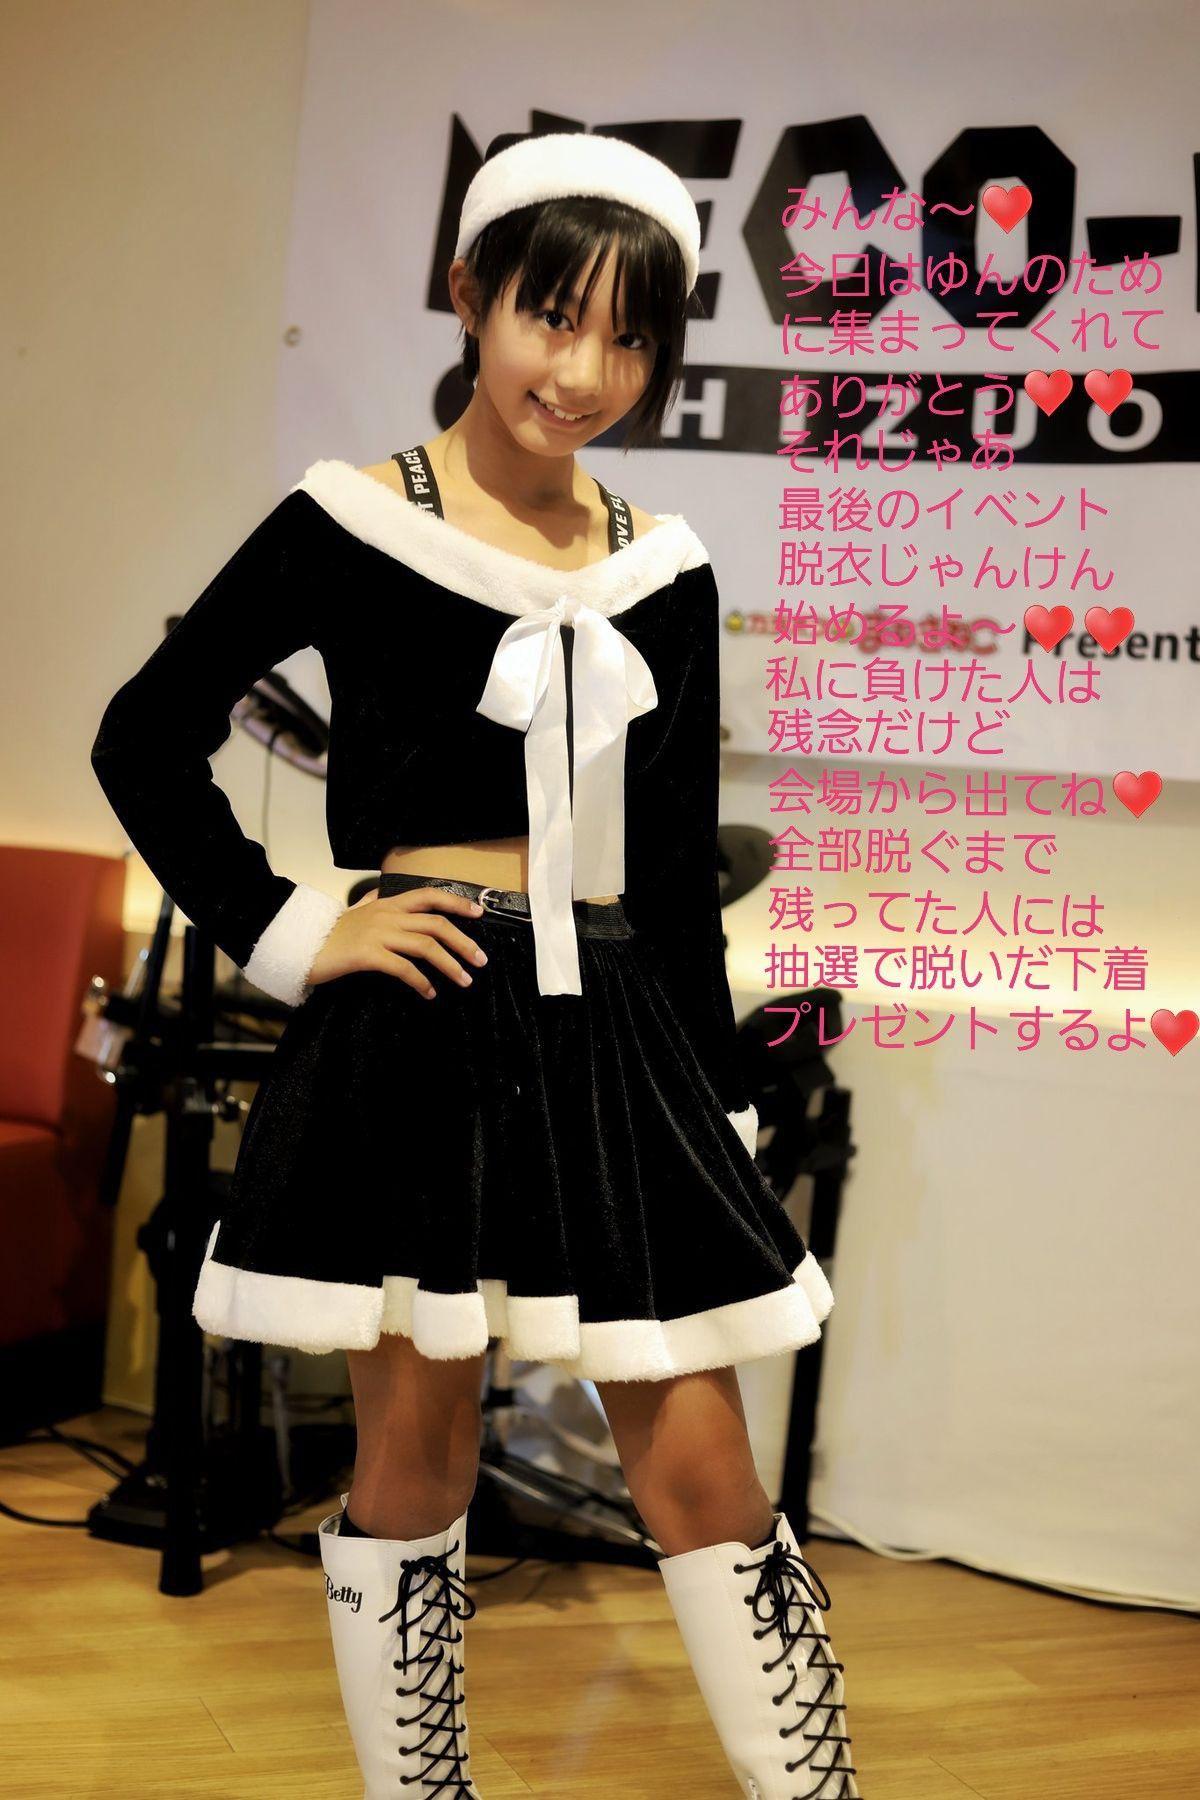 js 文字コラ www.pinterest.jp